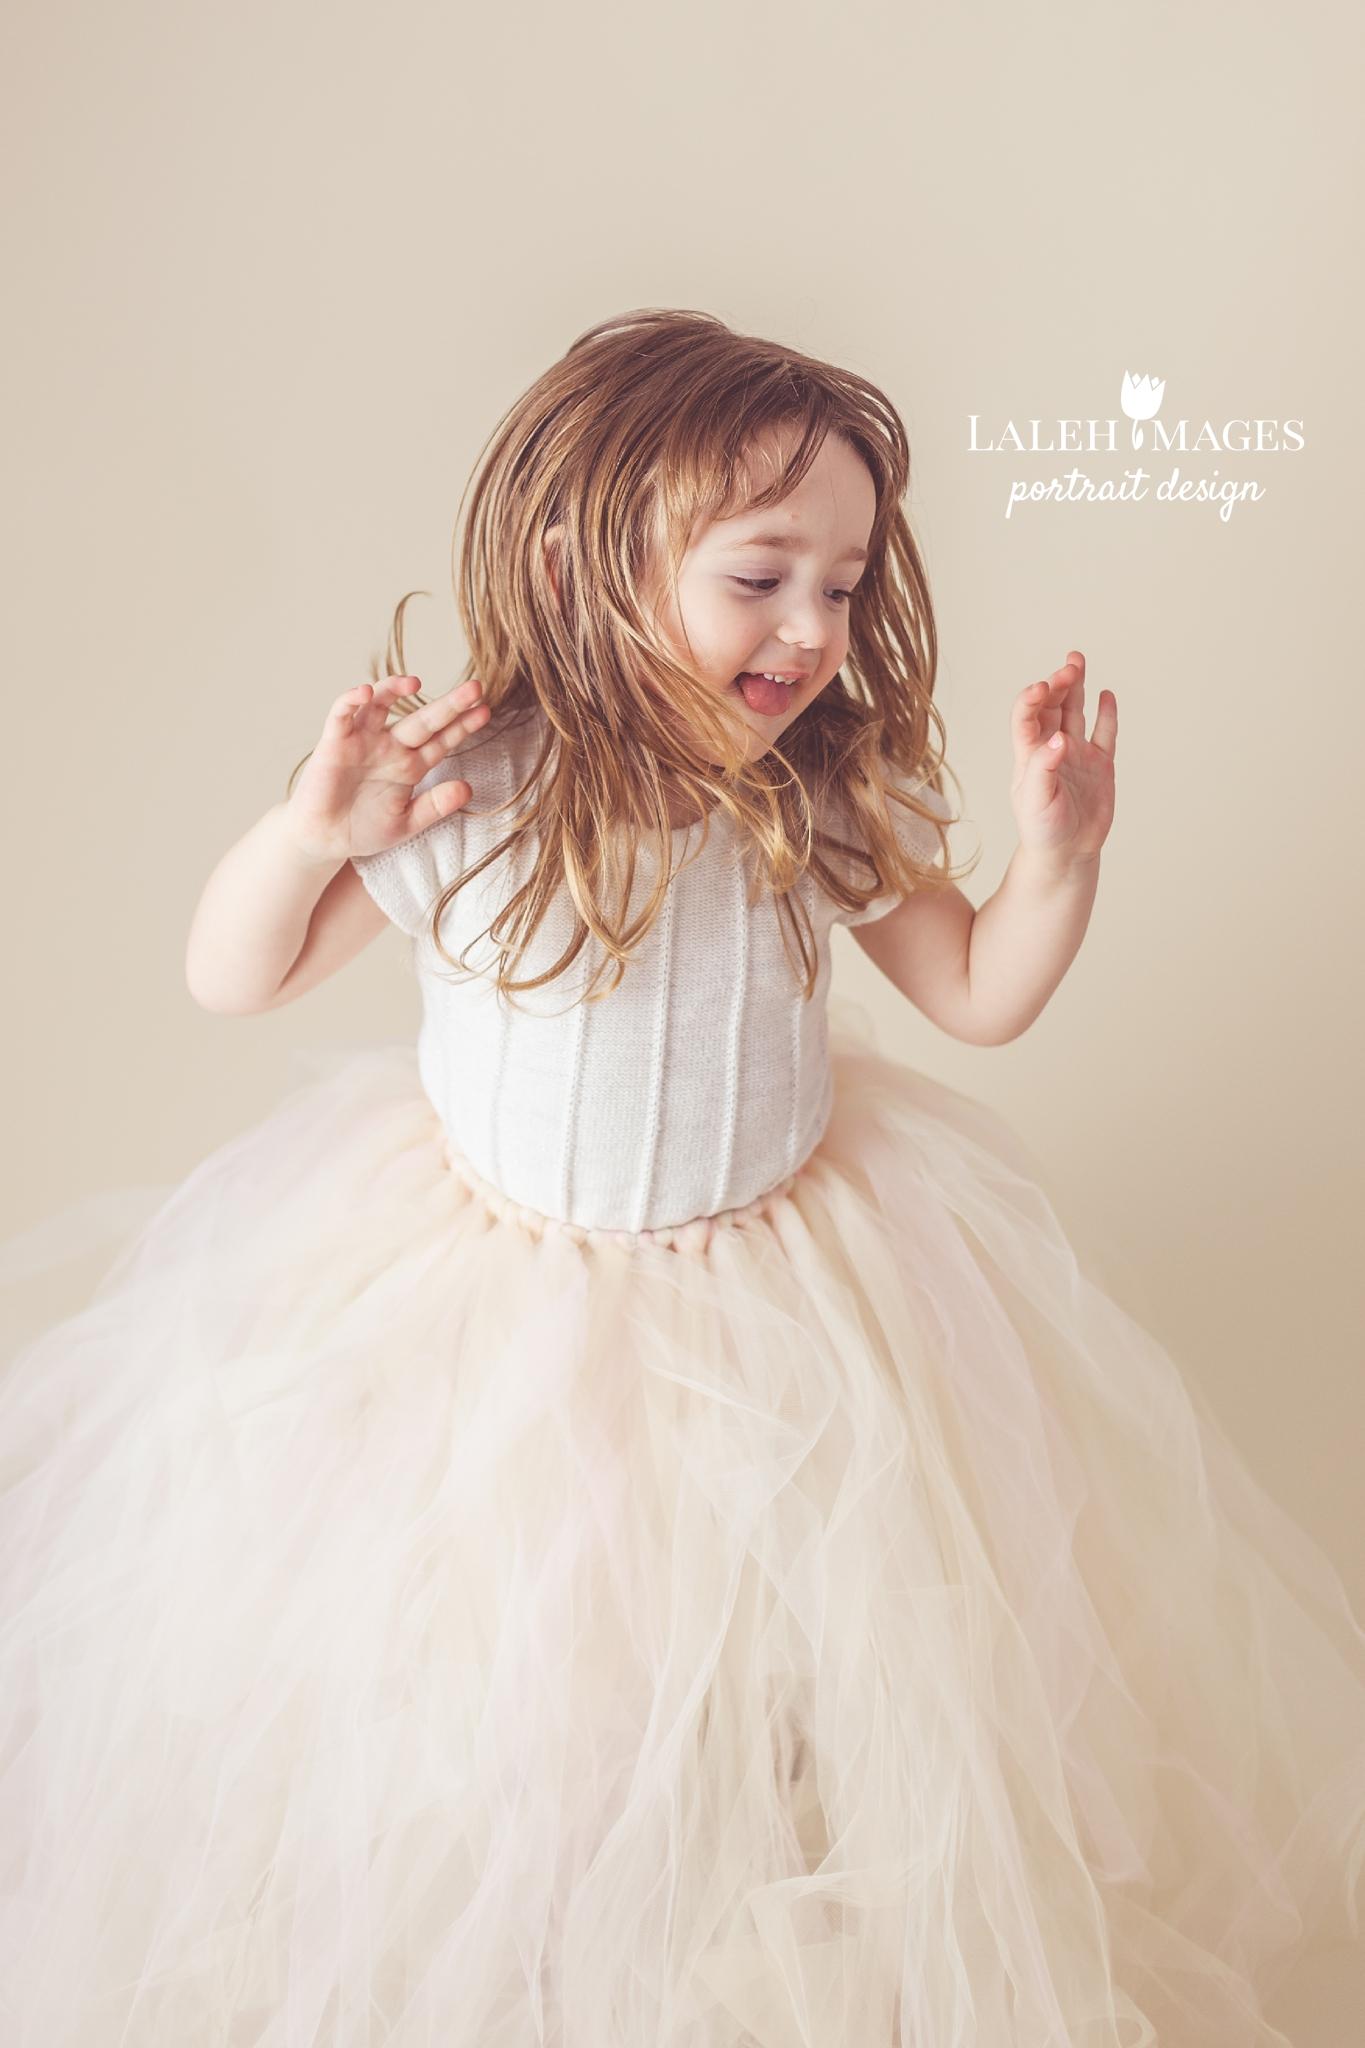 Dancing toddler tutu photo session